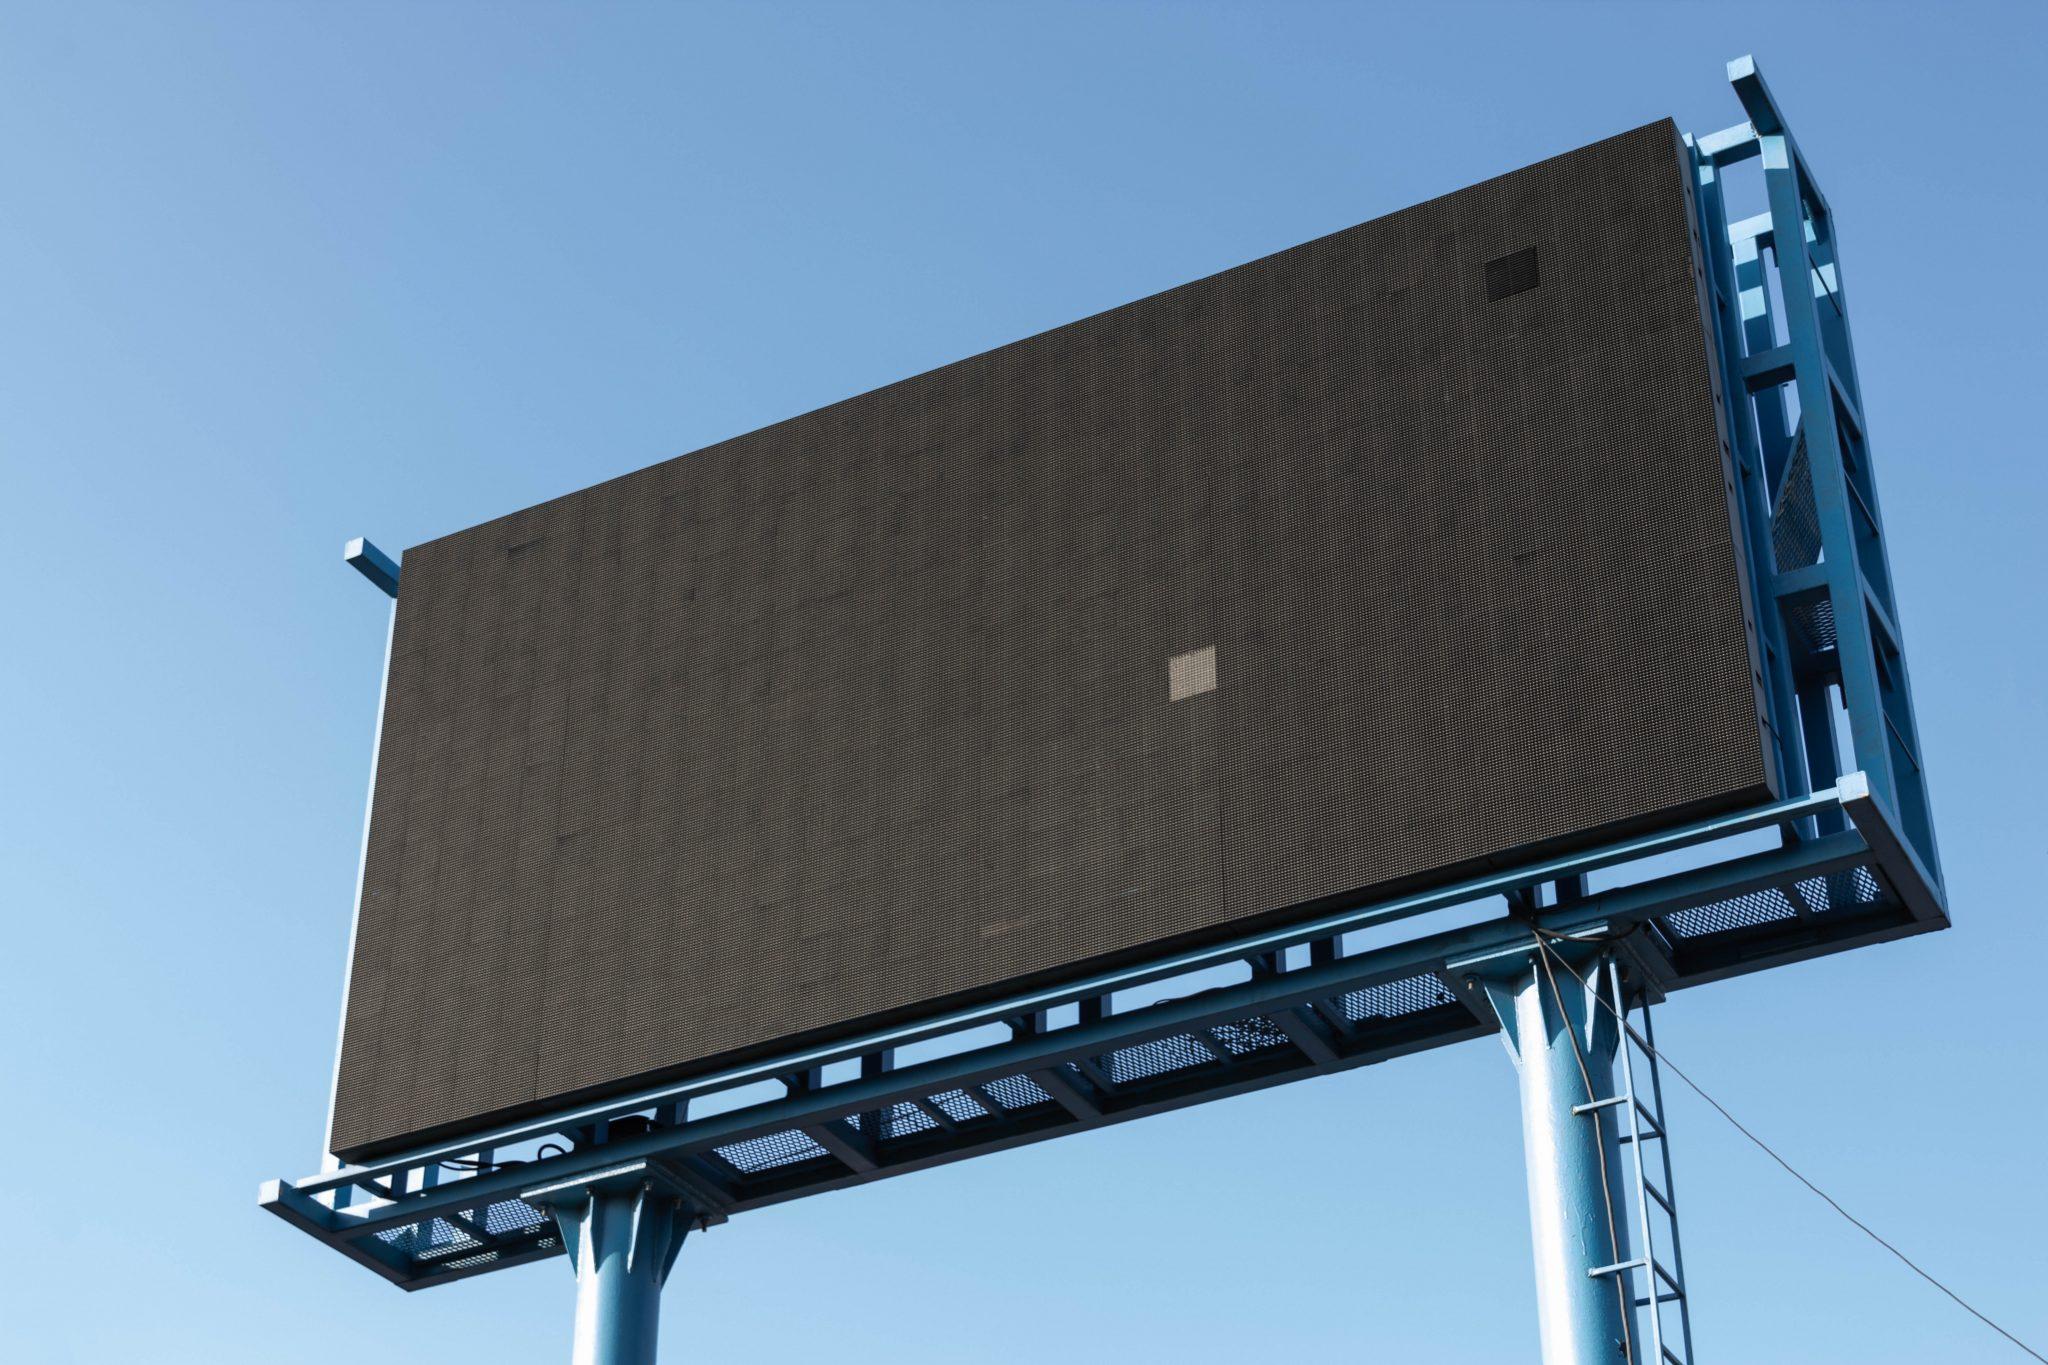 A blank, black billboard in front of a blue sky